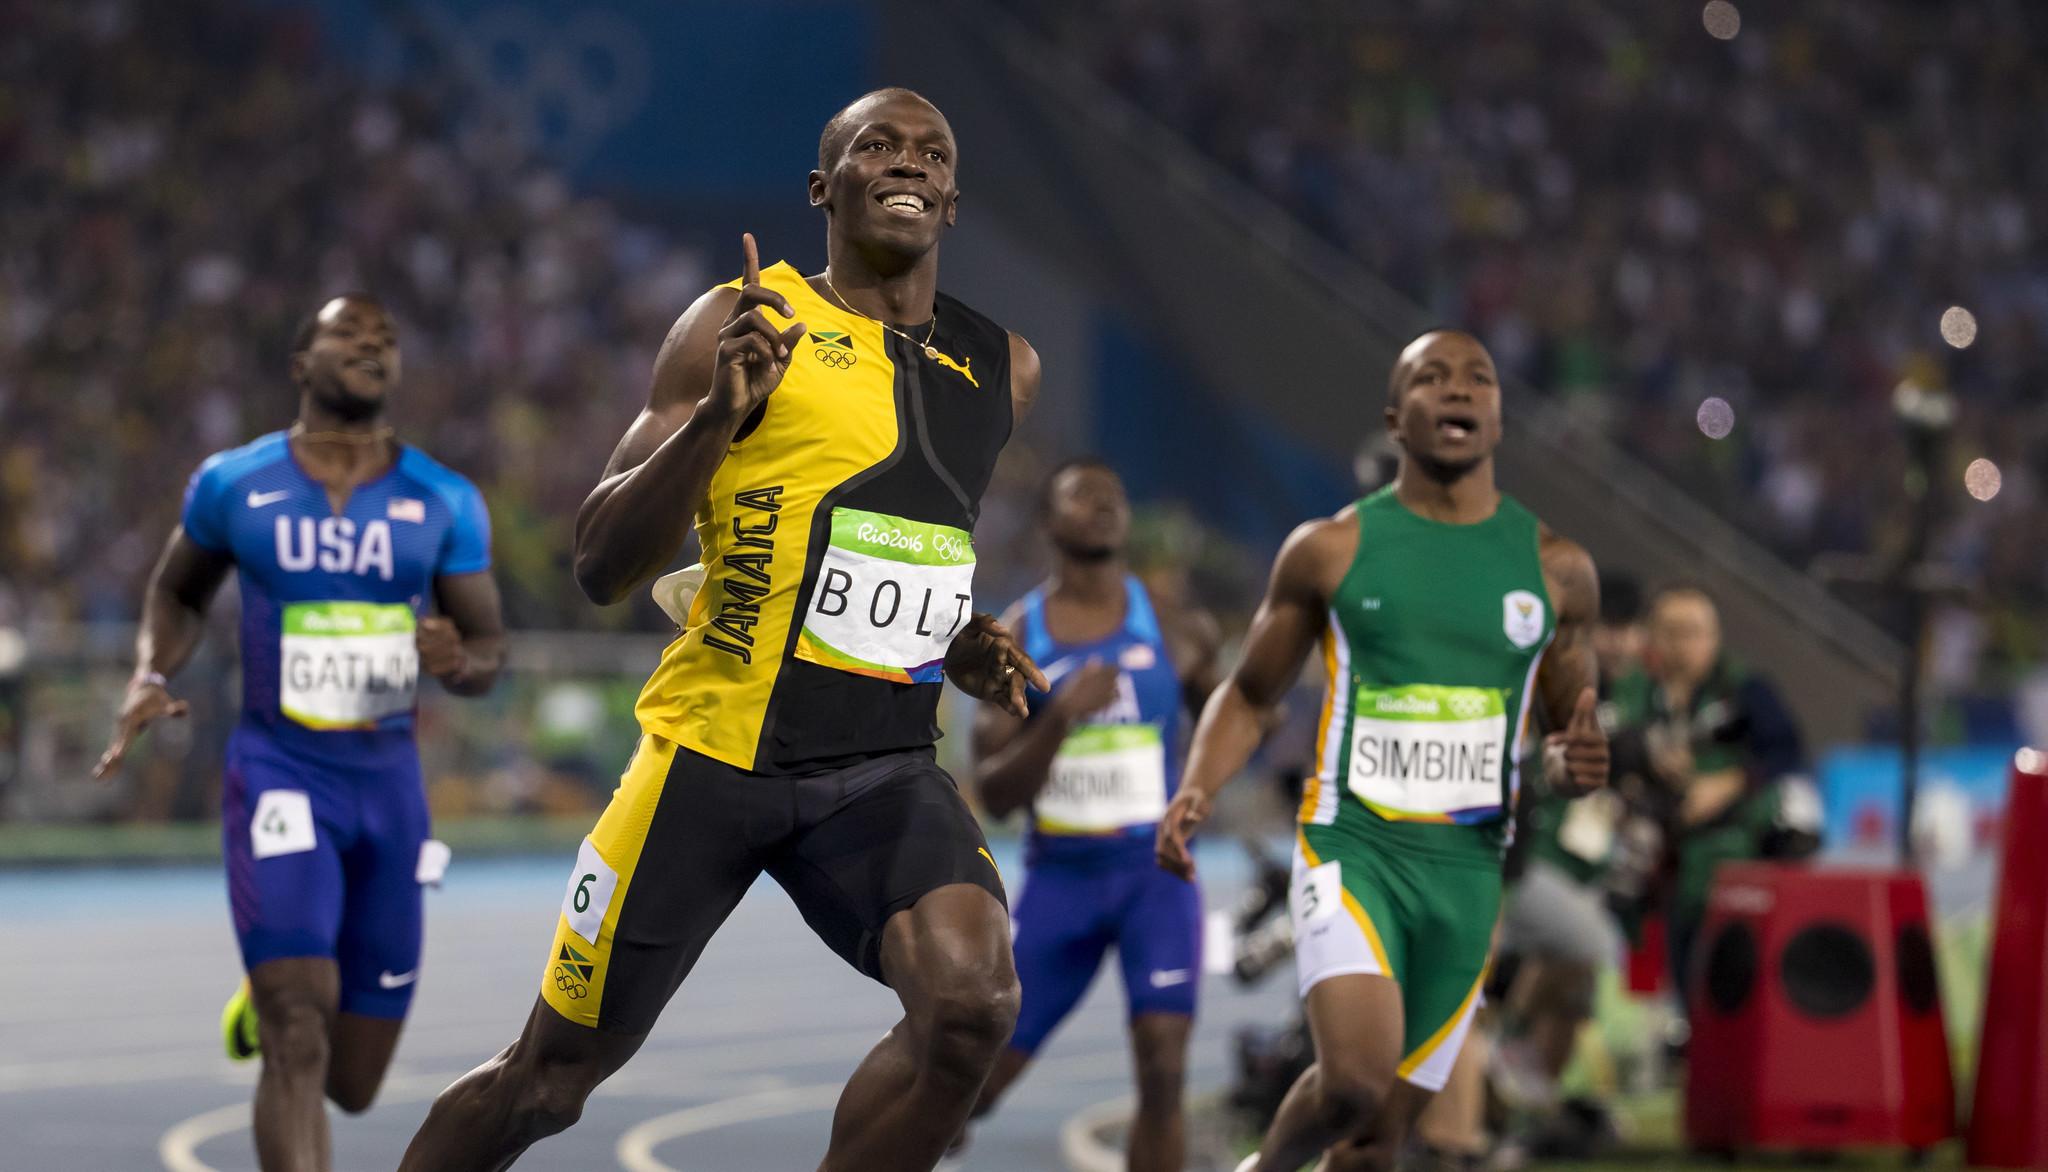 usain bolt wins gold in men u0026 39 s 100